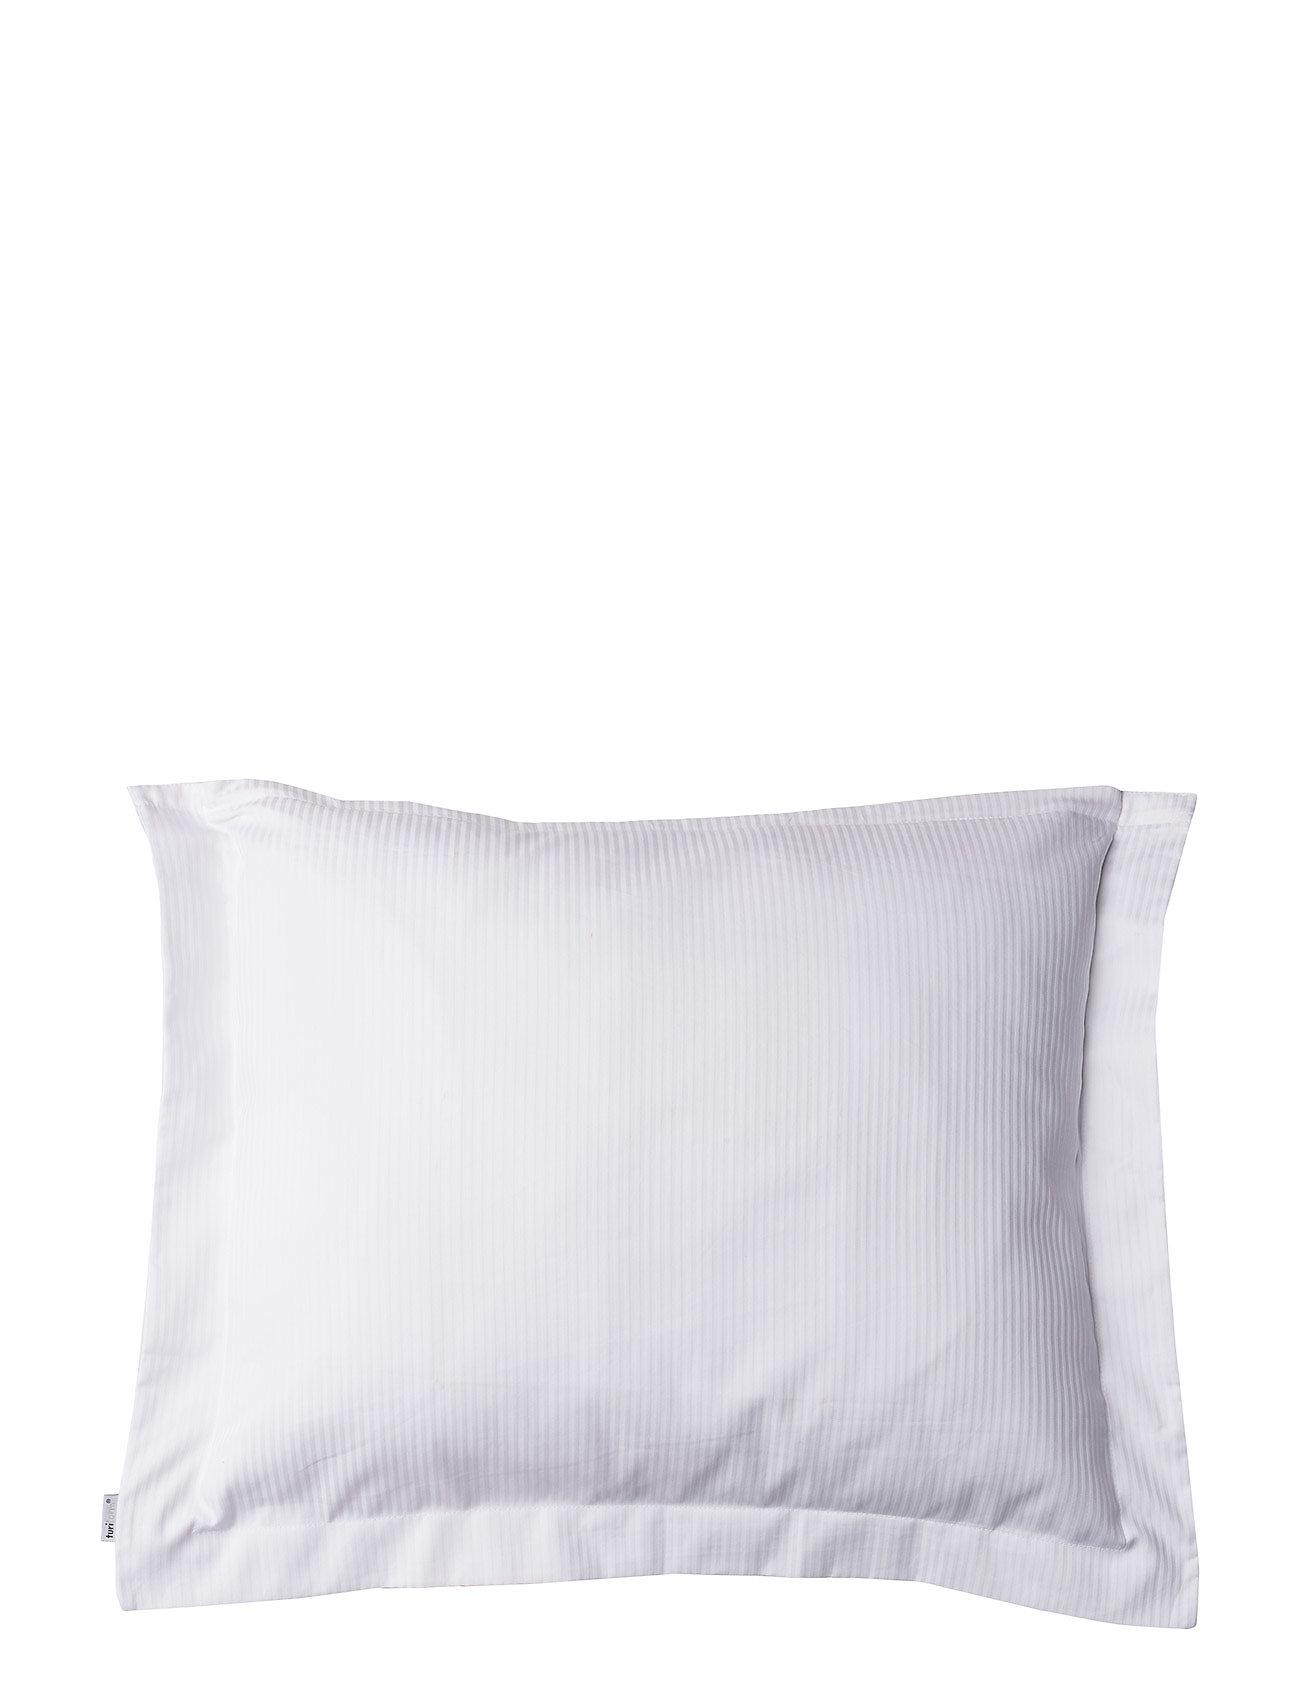 Turiform Turistripe Pillowcase - WHITE